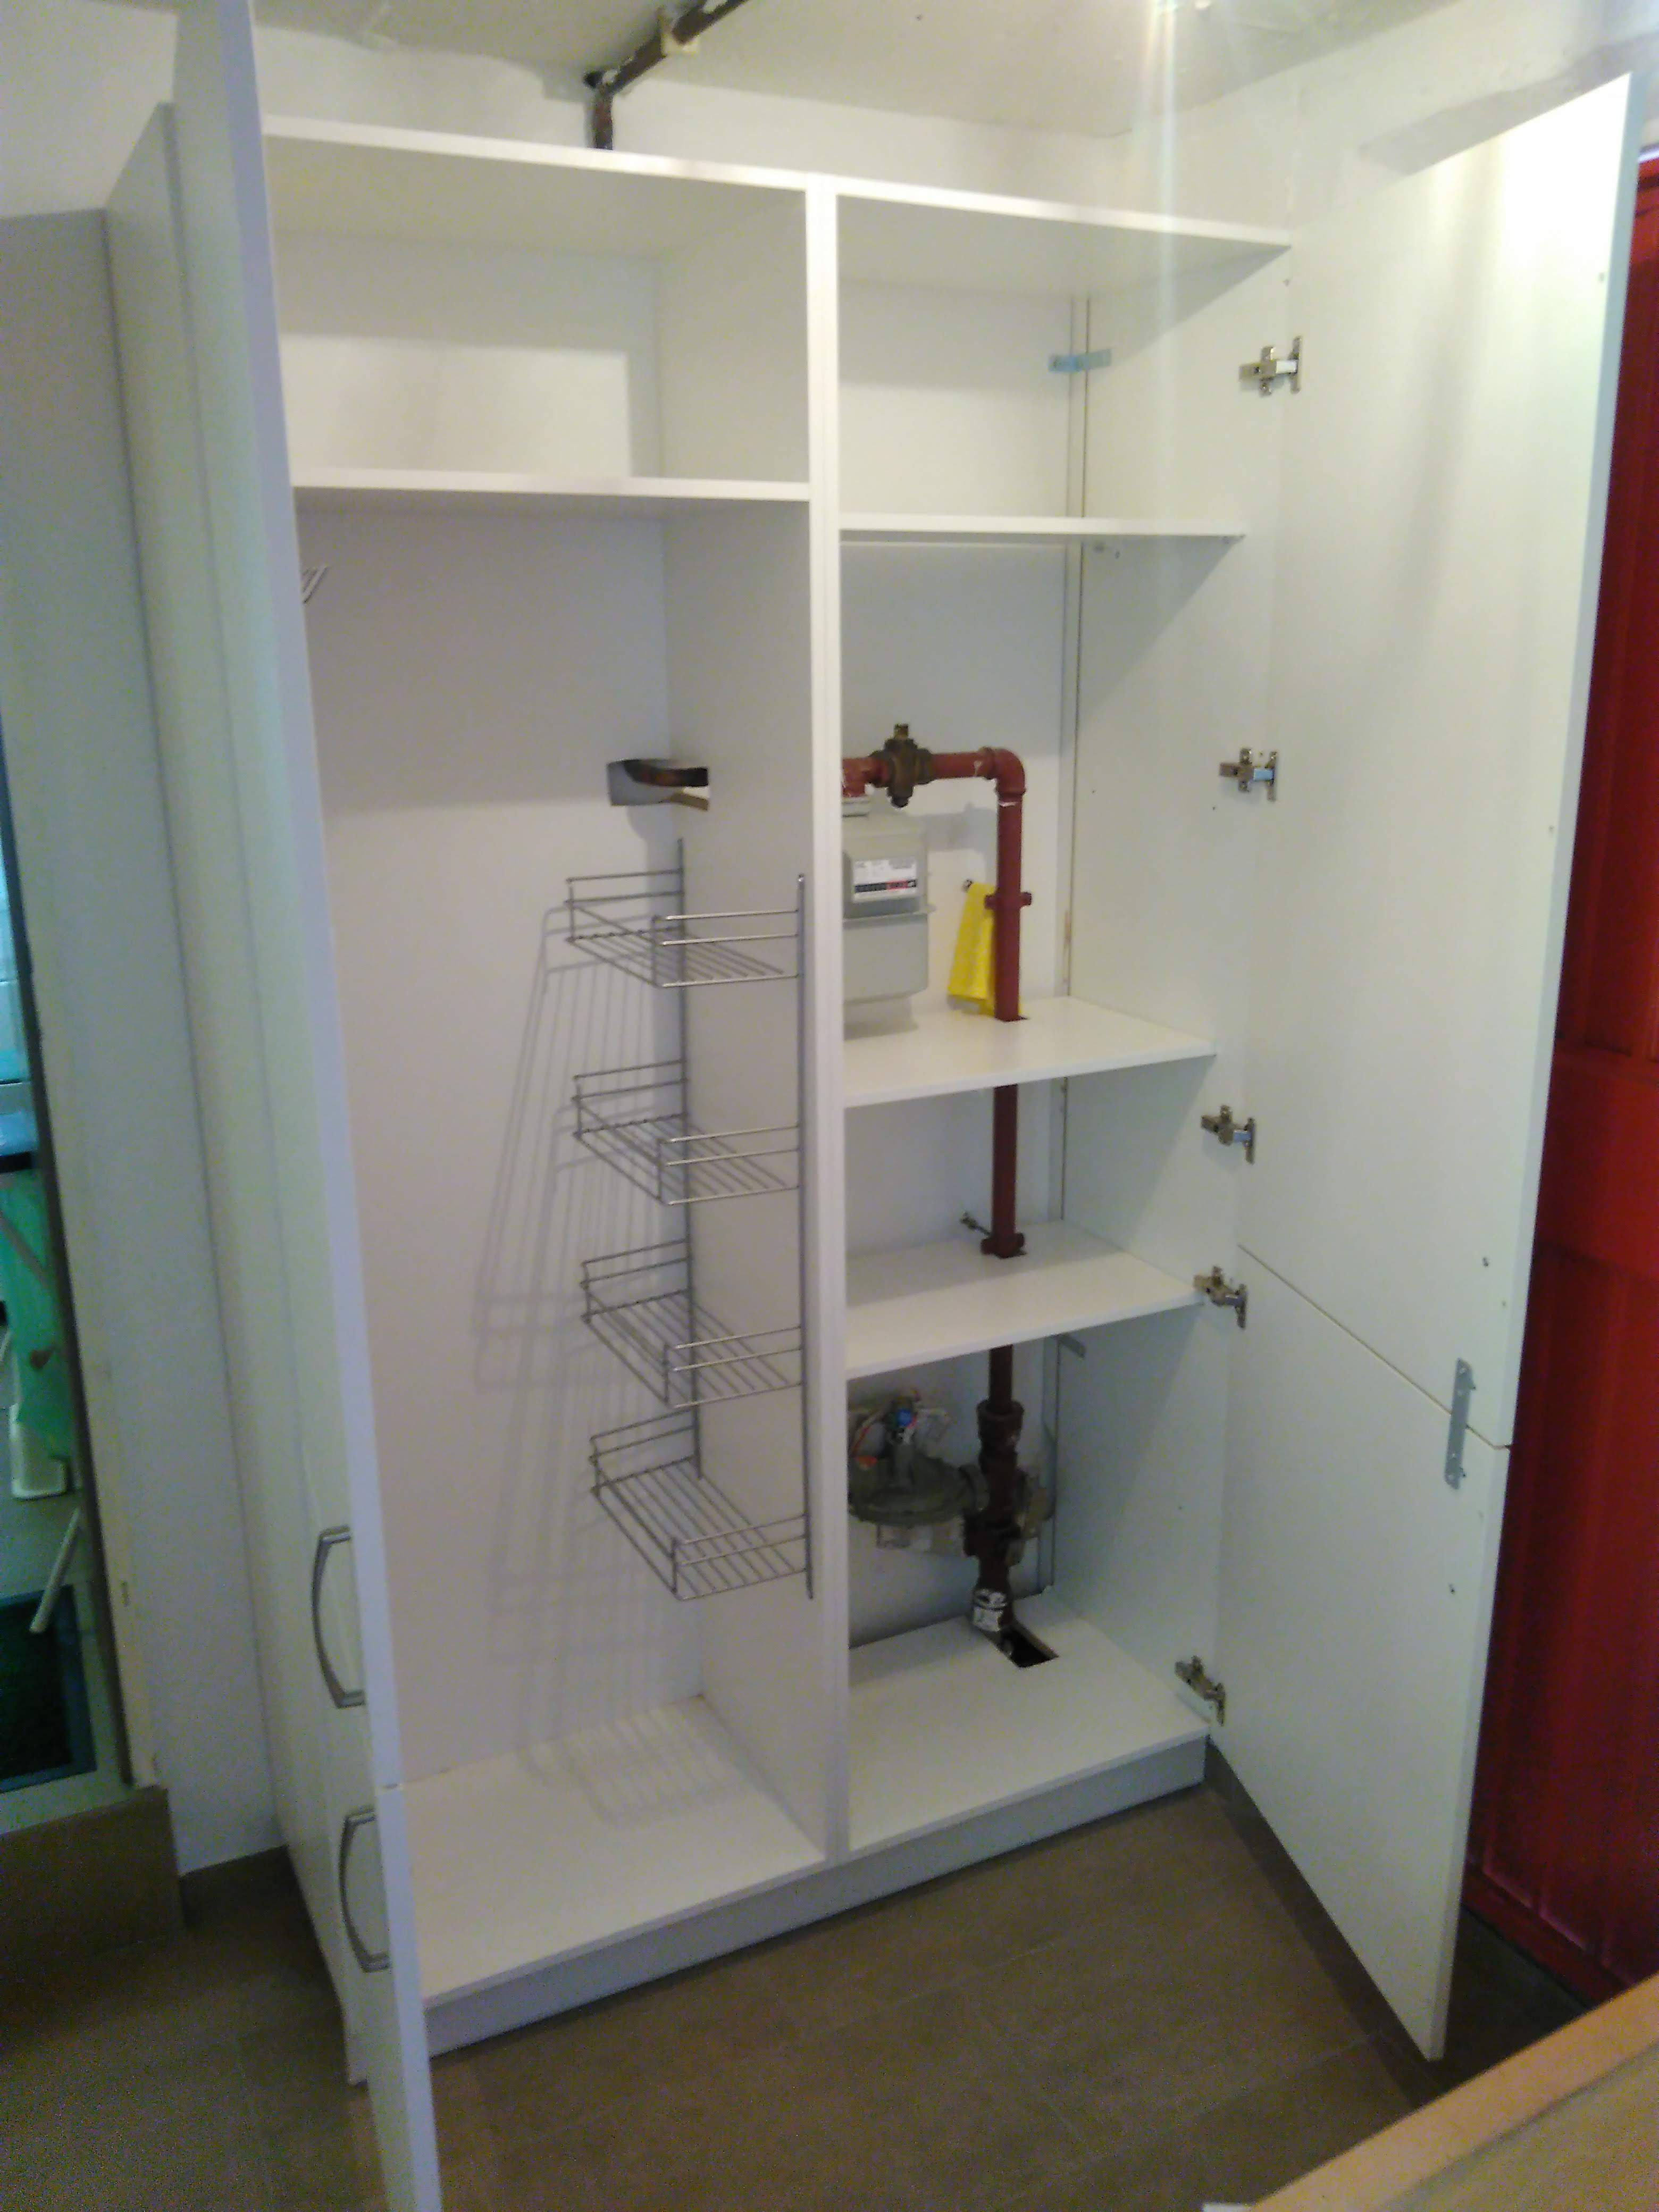 Gut bekannt Hauswirtschaftsraum – Möbel – KT Bau – & Montage GY62